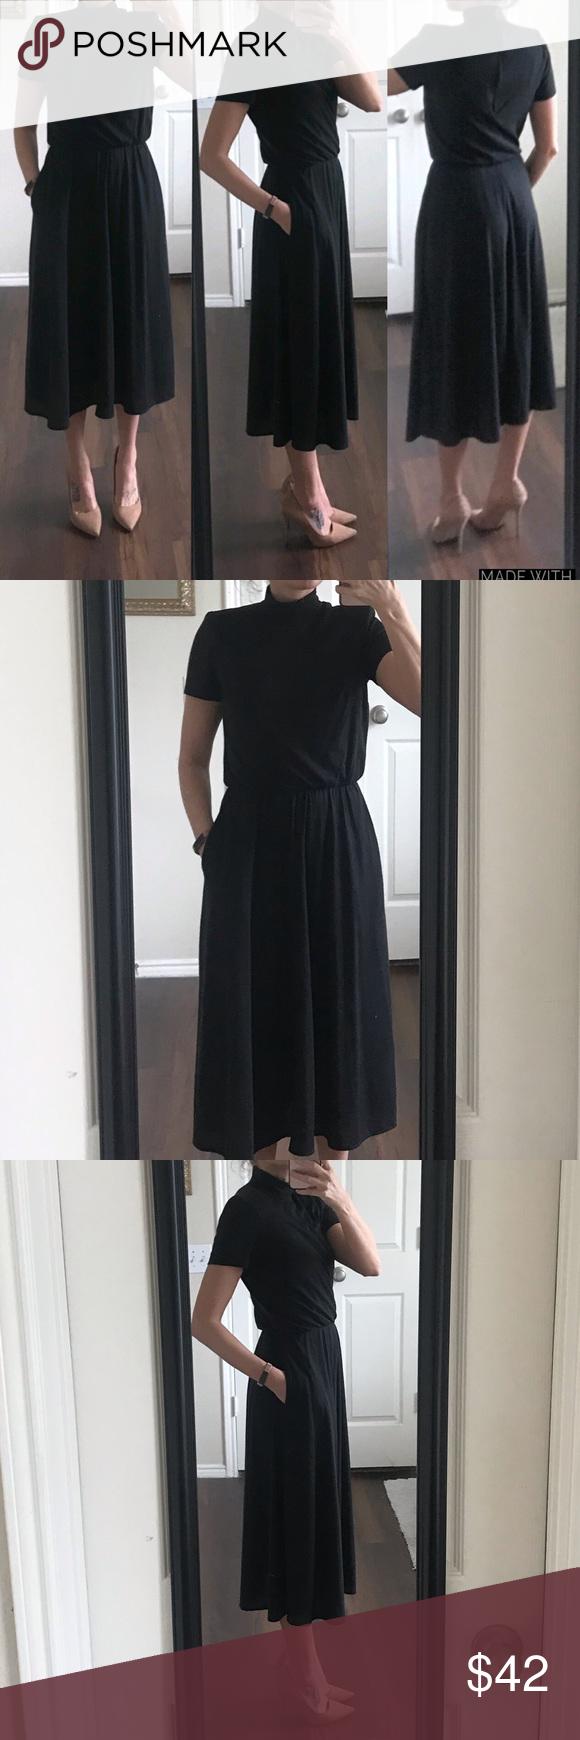 Positive Attitude Vintage Black Turtleneck Dress Turtle Neck Dress Positive Attitude Dress Vintage Dresses [ 1740 x 580 Pixel ]